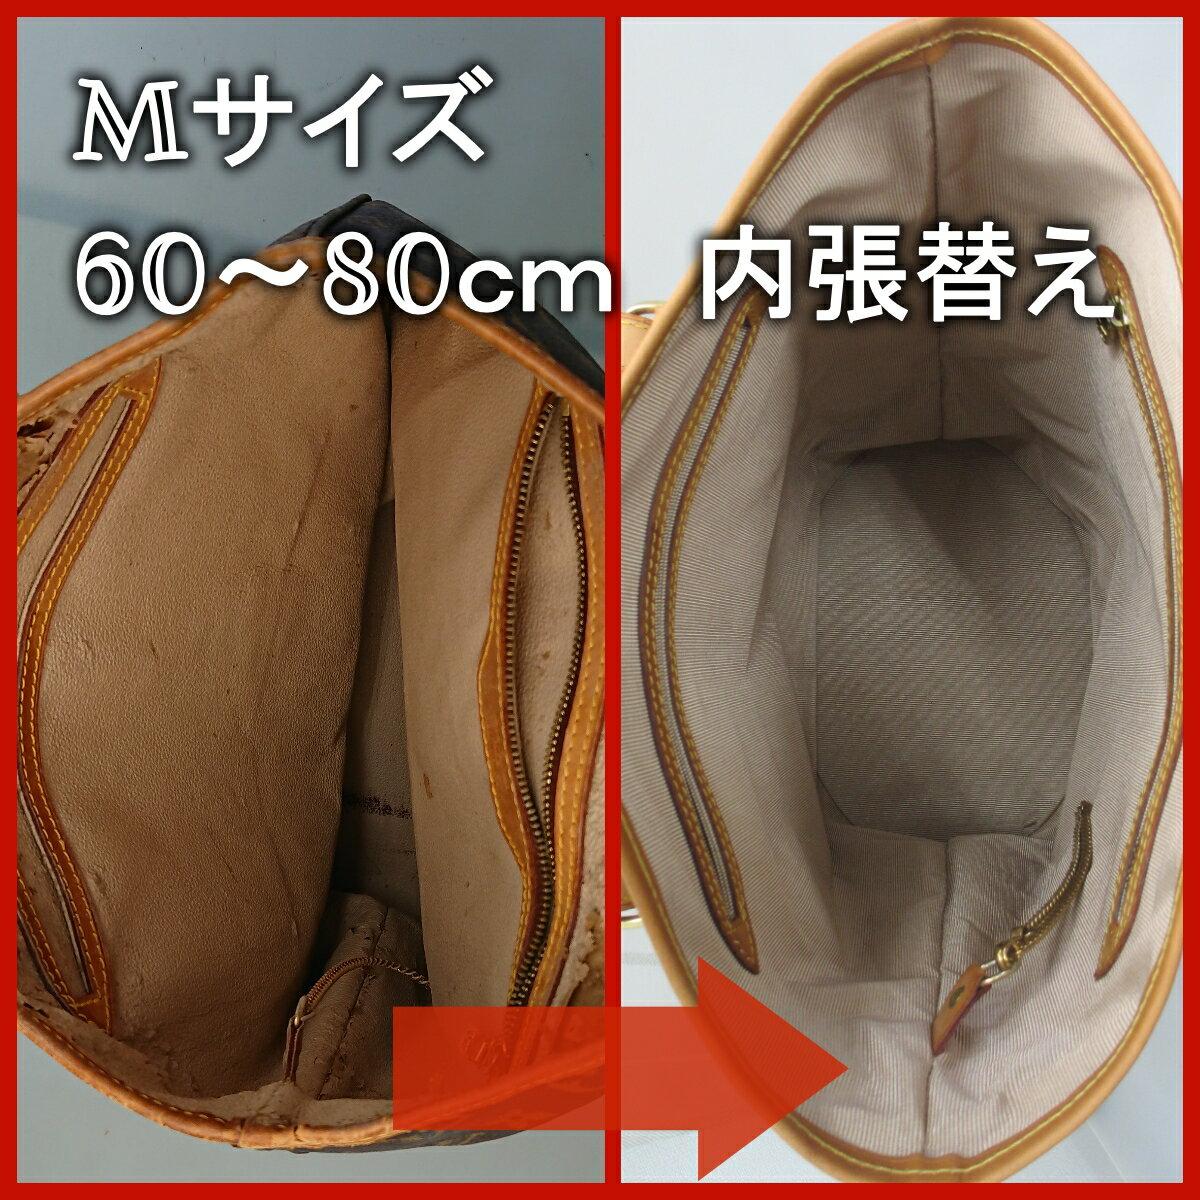 バッグの修理 【内側張り替え】Mサイズ 17,600円〜 鞄 かばん 修理 リペア お直し 革 皮革 ブランド品